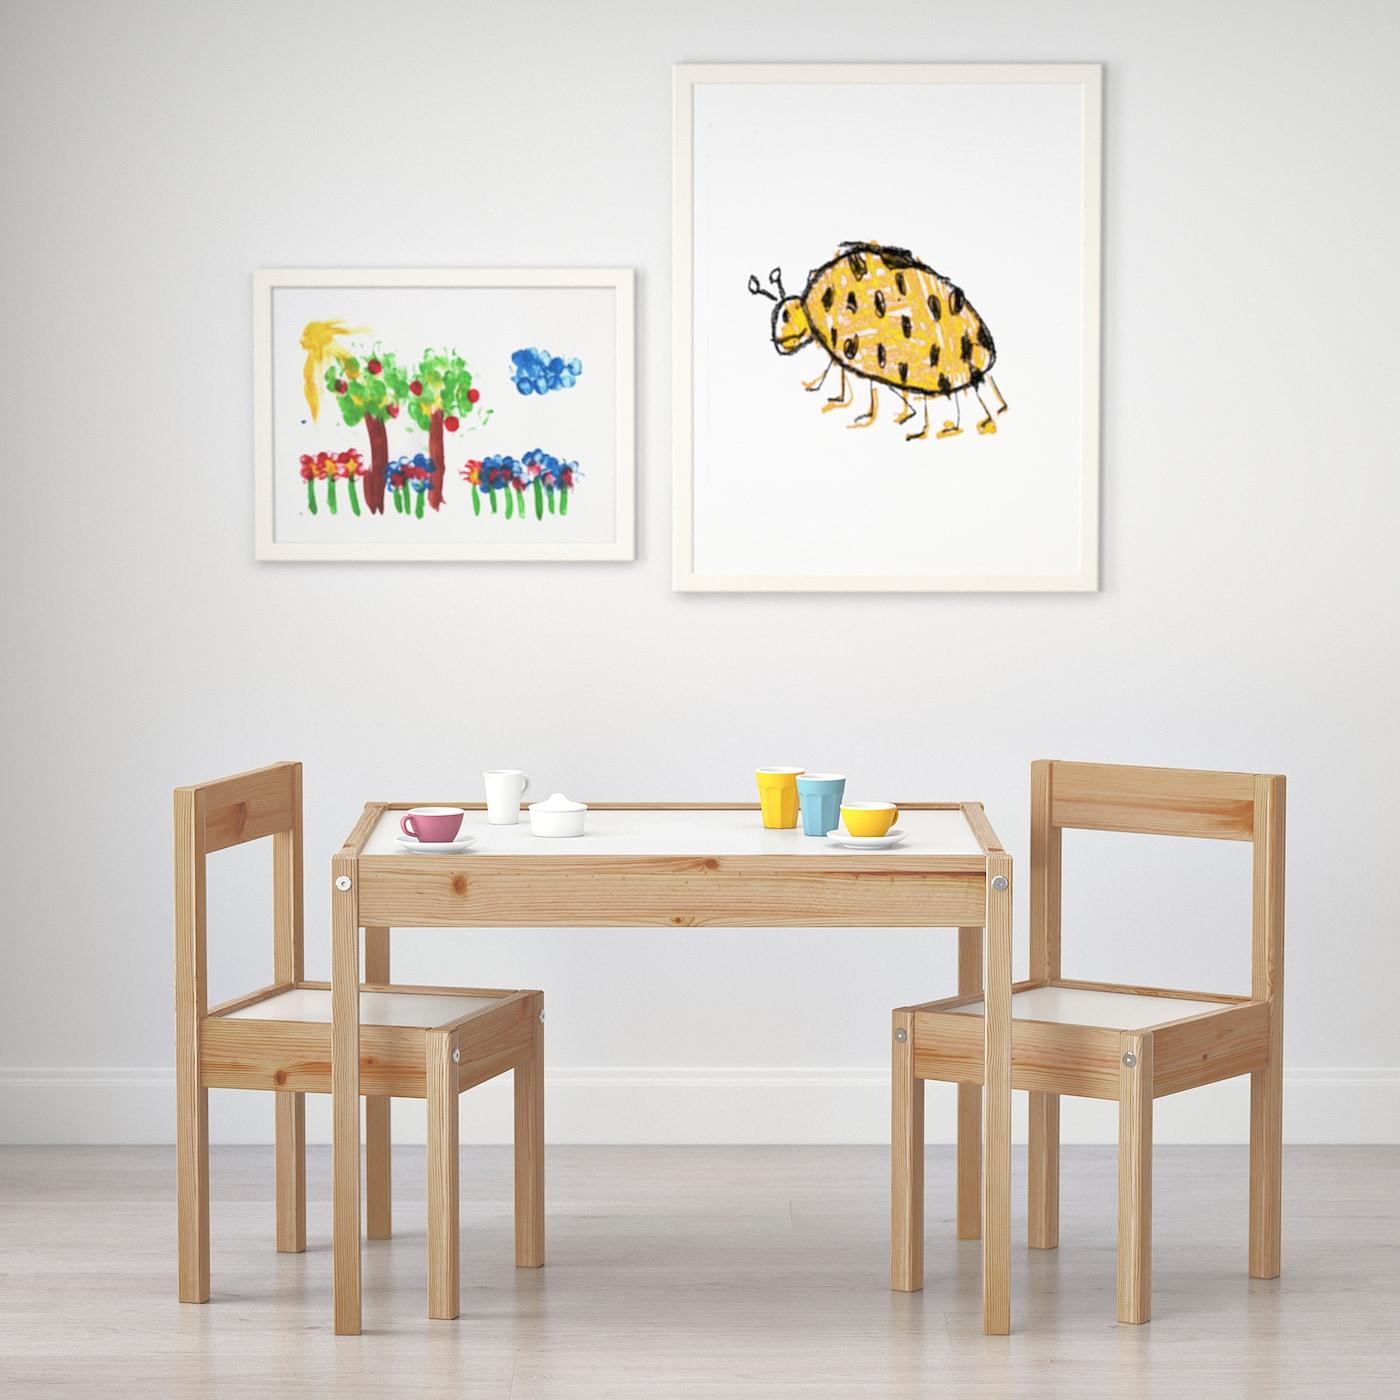 LÄTT Stolik dziecięcy i 2 krzesła biały, sosna